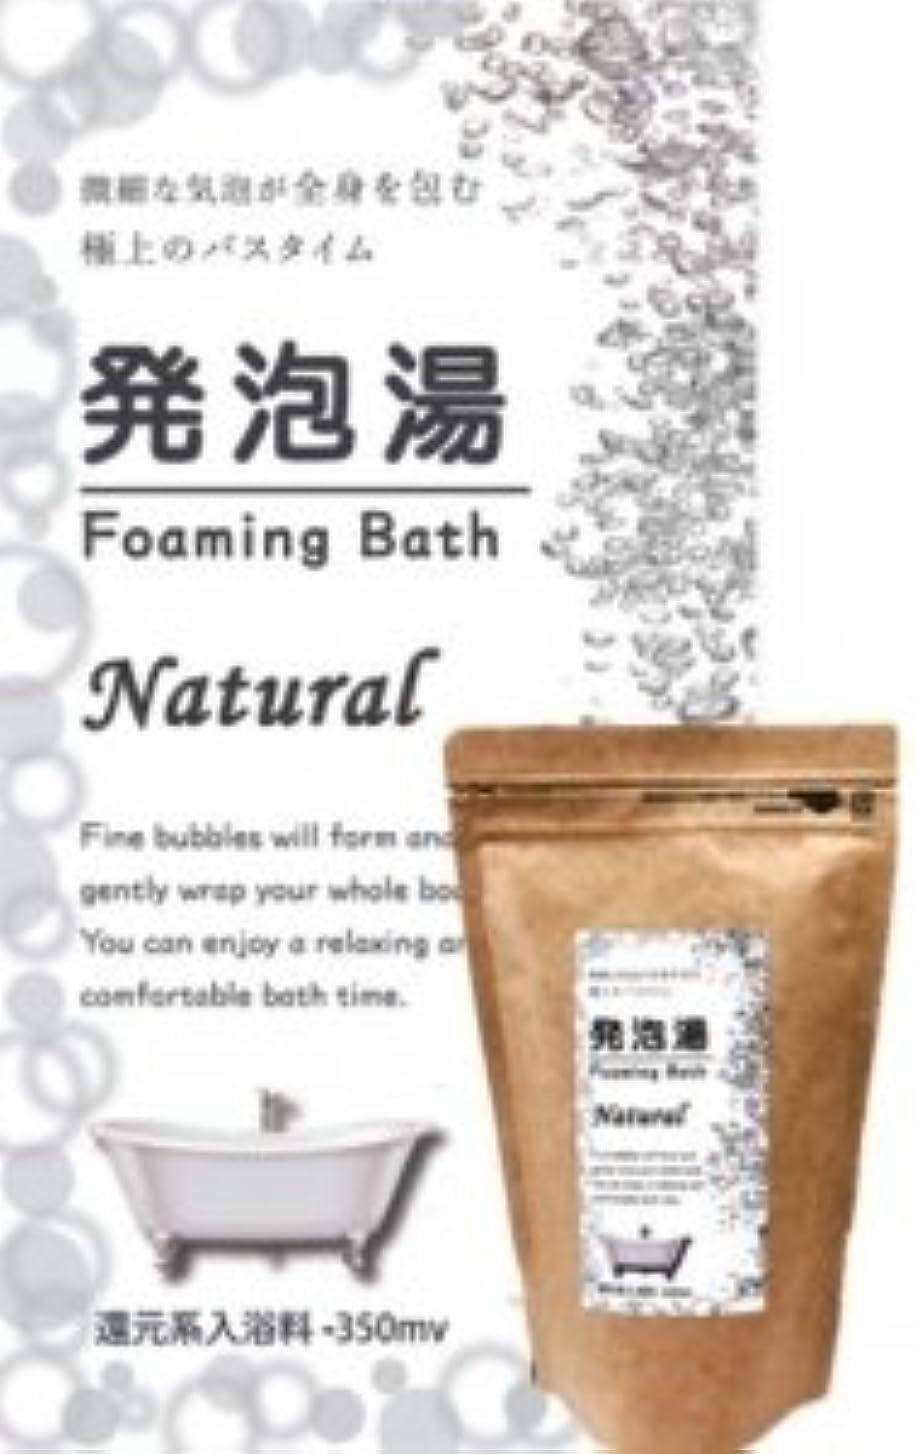 世界記録のギネスブック迅速鼓舞する発泡湯(はっぽうとう) Foaming Bath Natural ナチュラルお徳用15回分